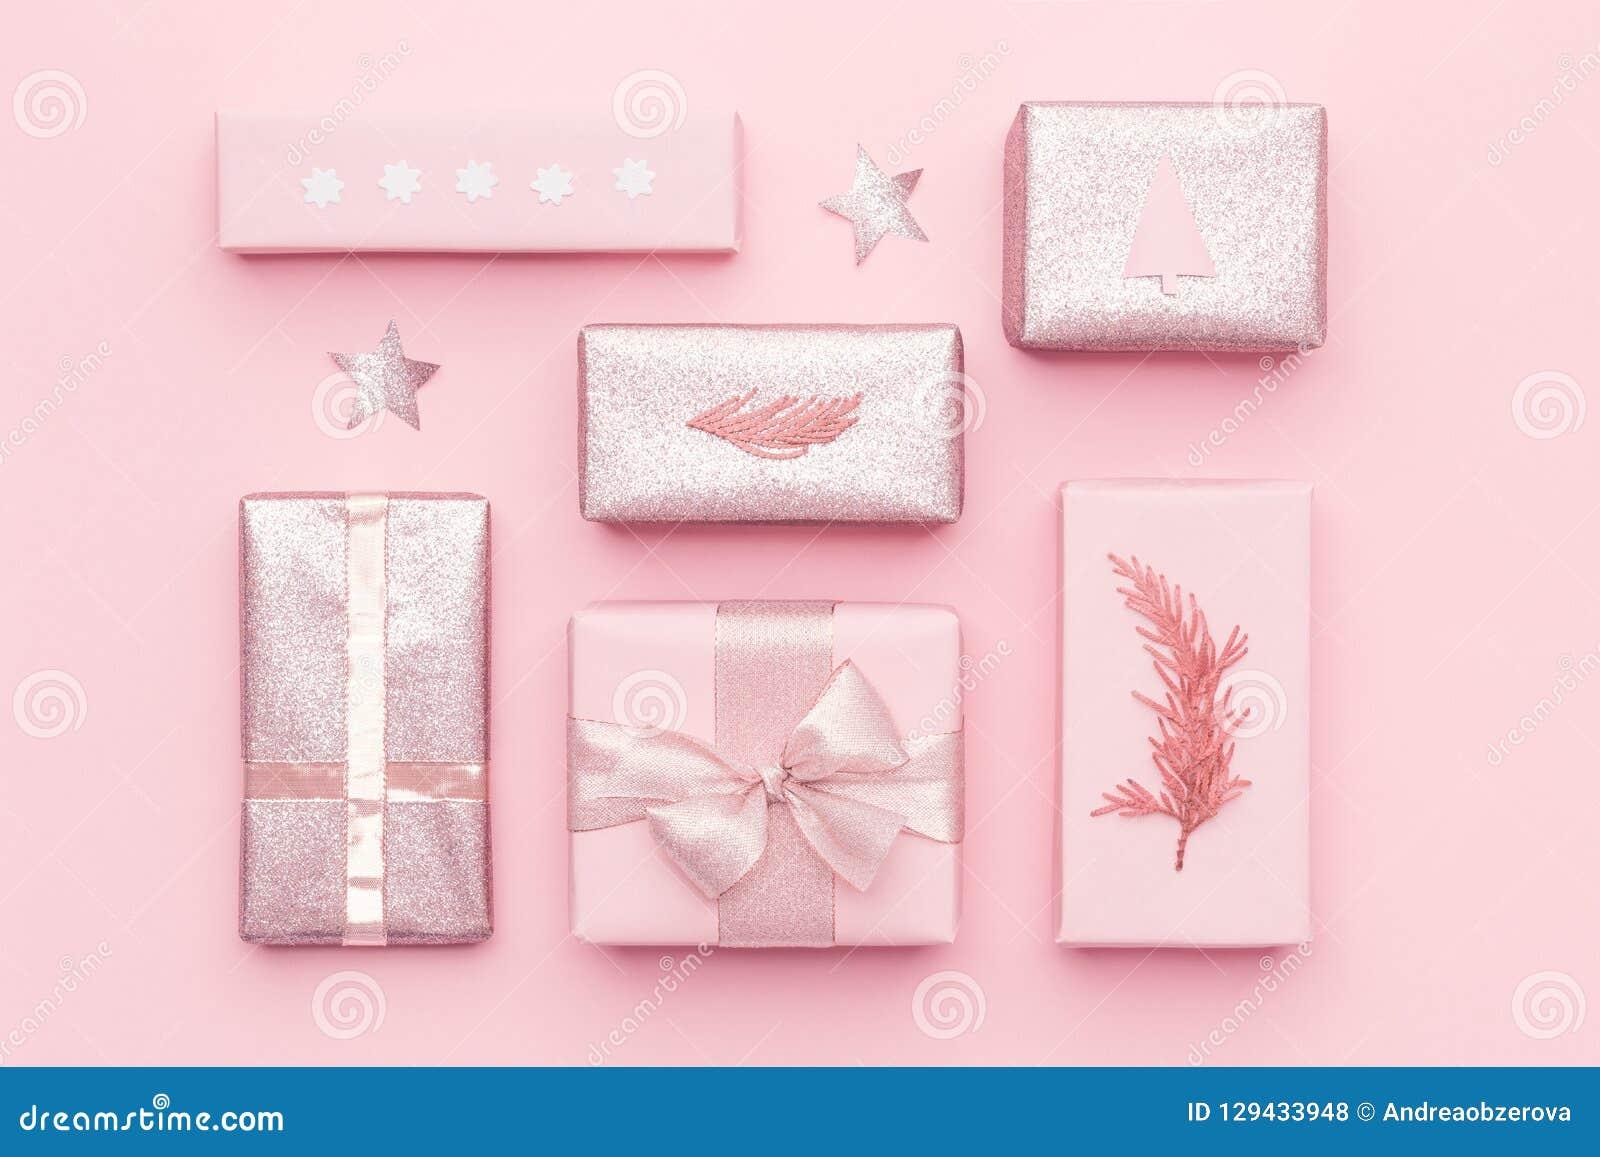 Slågna in xmas-askar Rött boxas med pilbågen Rosa nordiska julgåvor som isoleras på bakgrund för pastellfärgade rosa färger